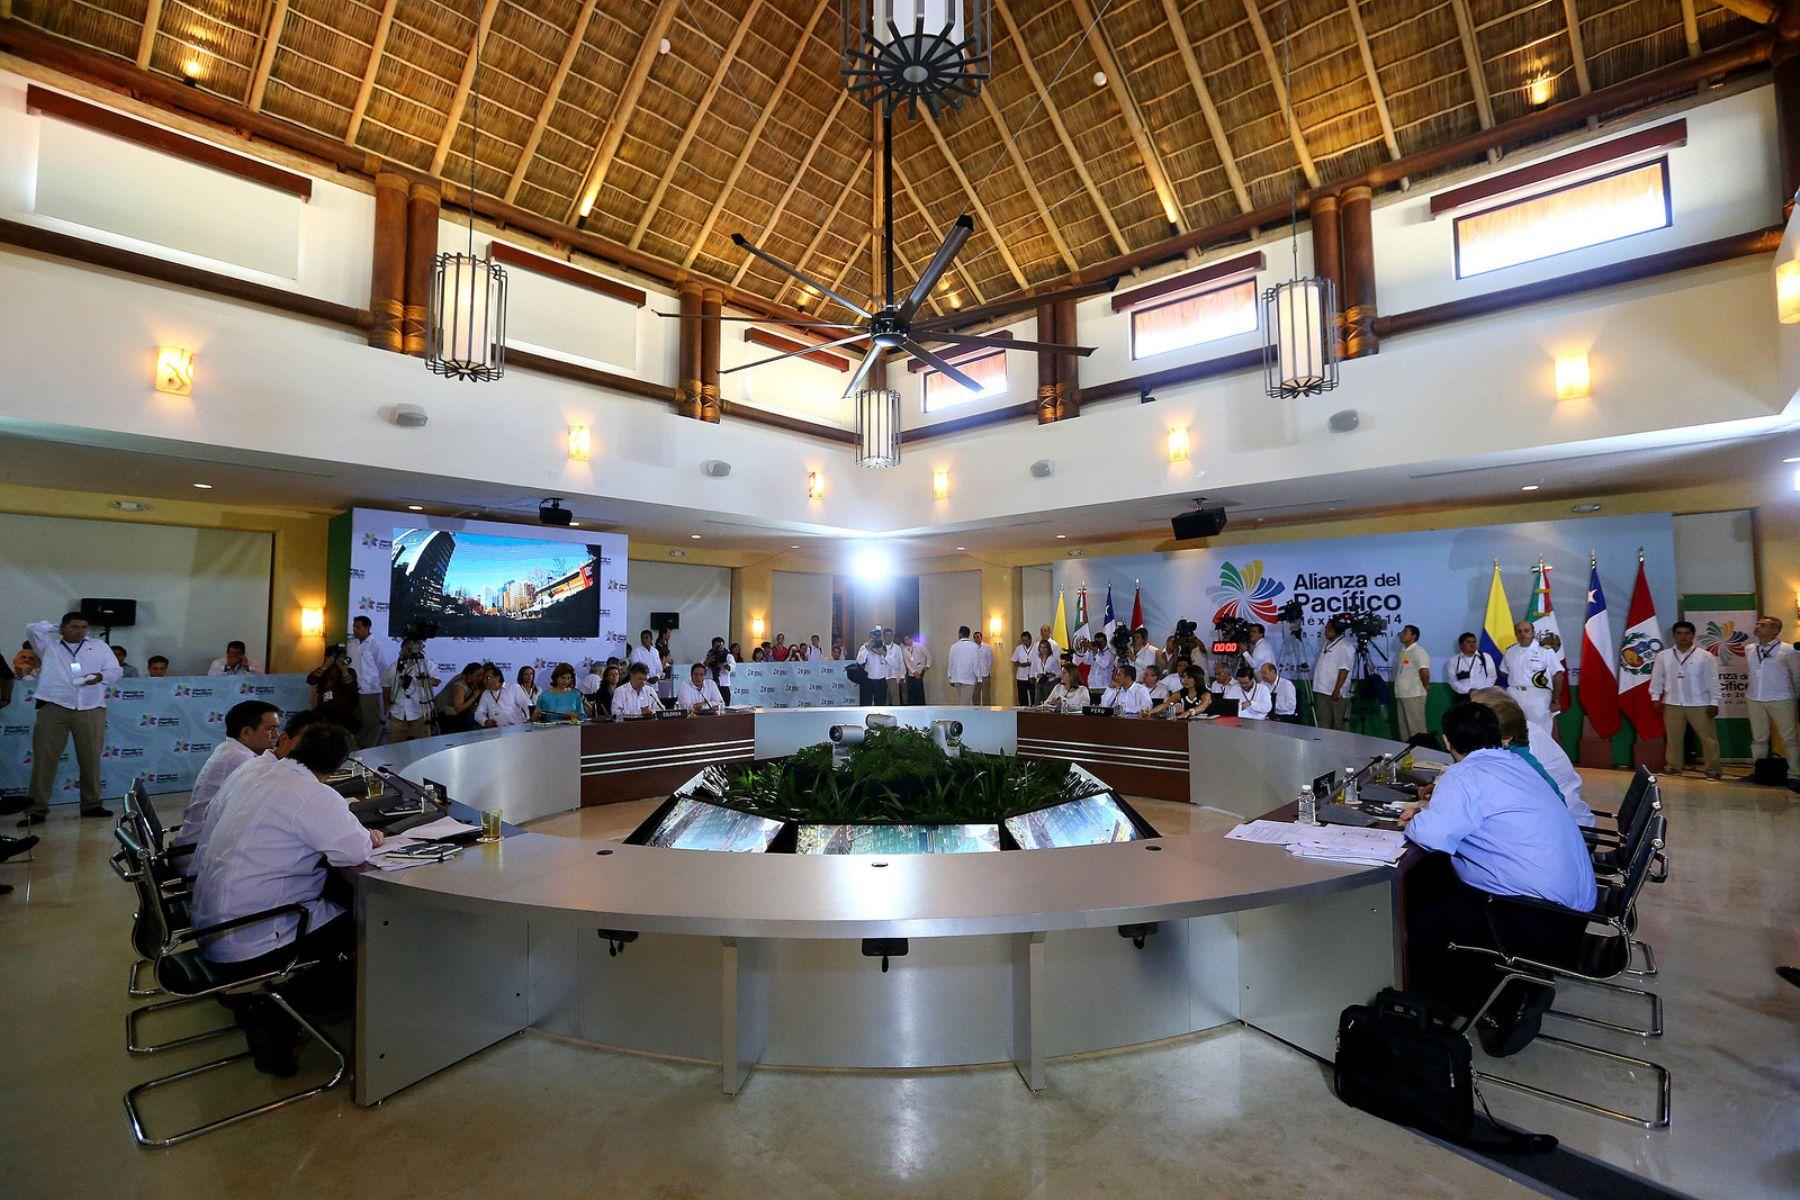 Inauguración de la IX Cumbre de la Alianza del Pacífico en Punta Mita (México) con participación del presidente Humala ANDINA/Prensa Presidencia